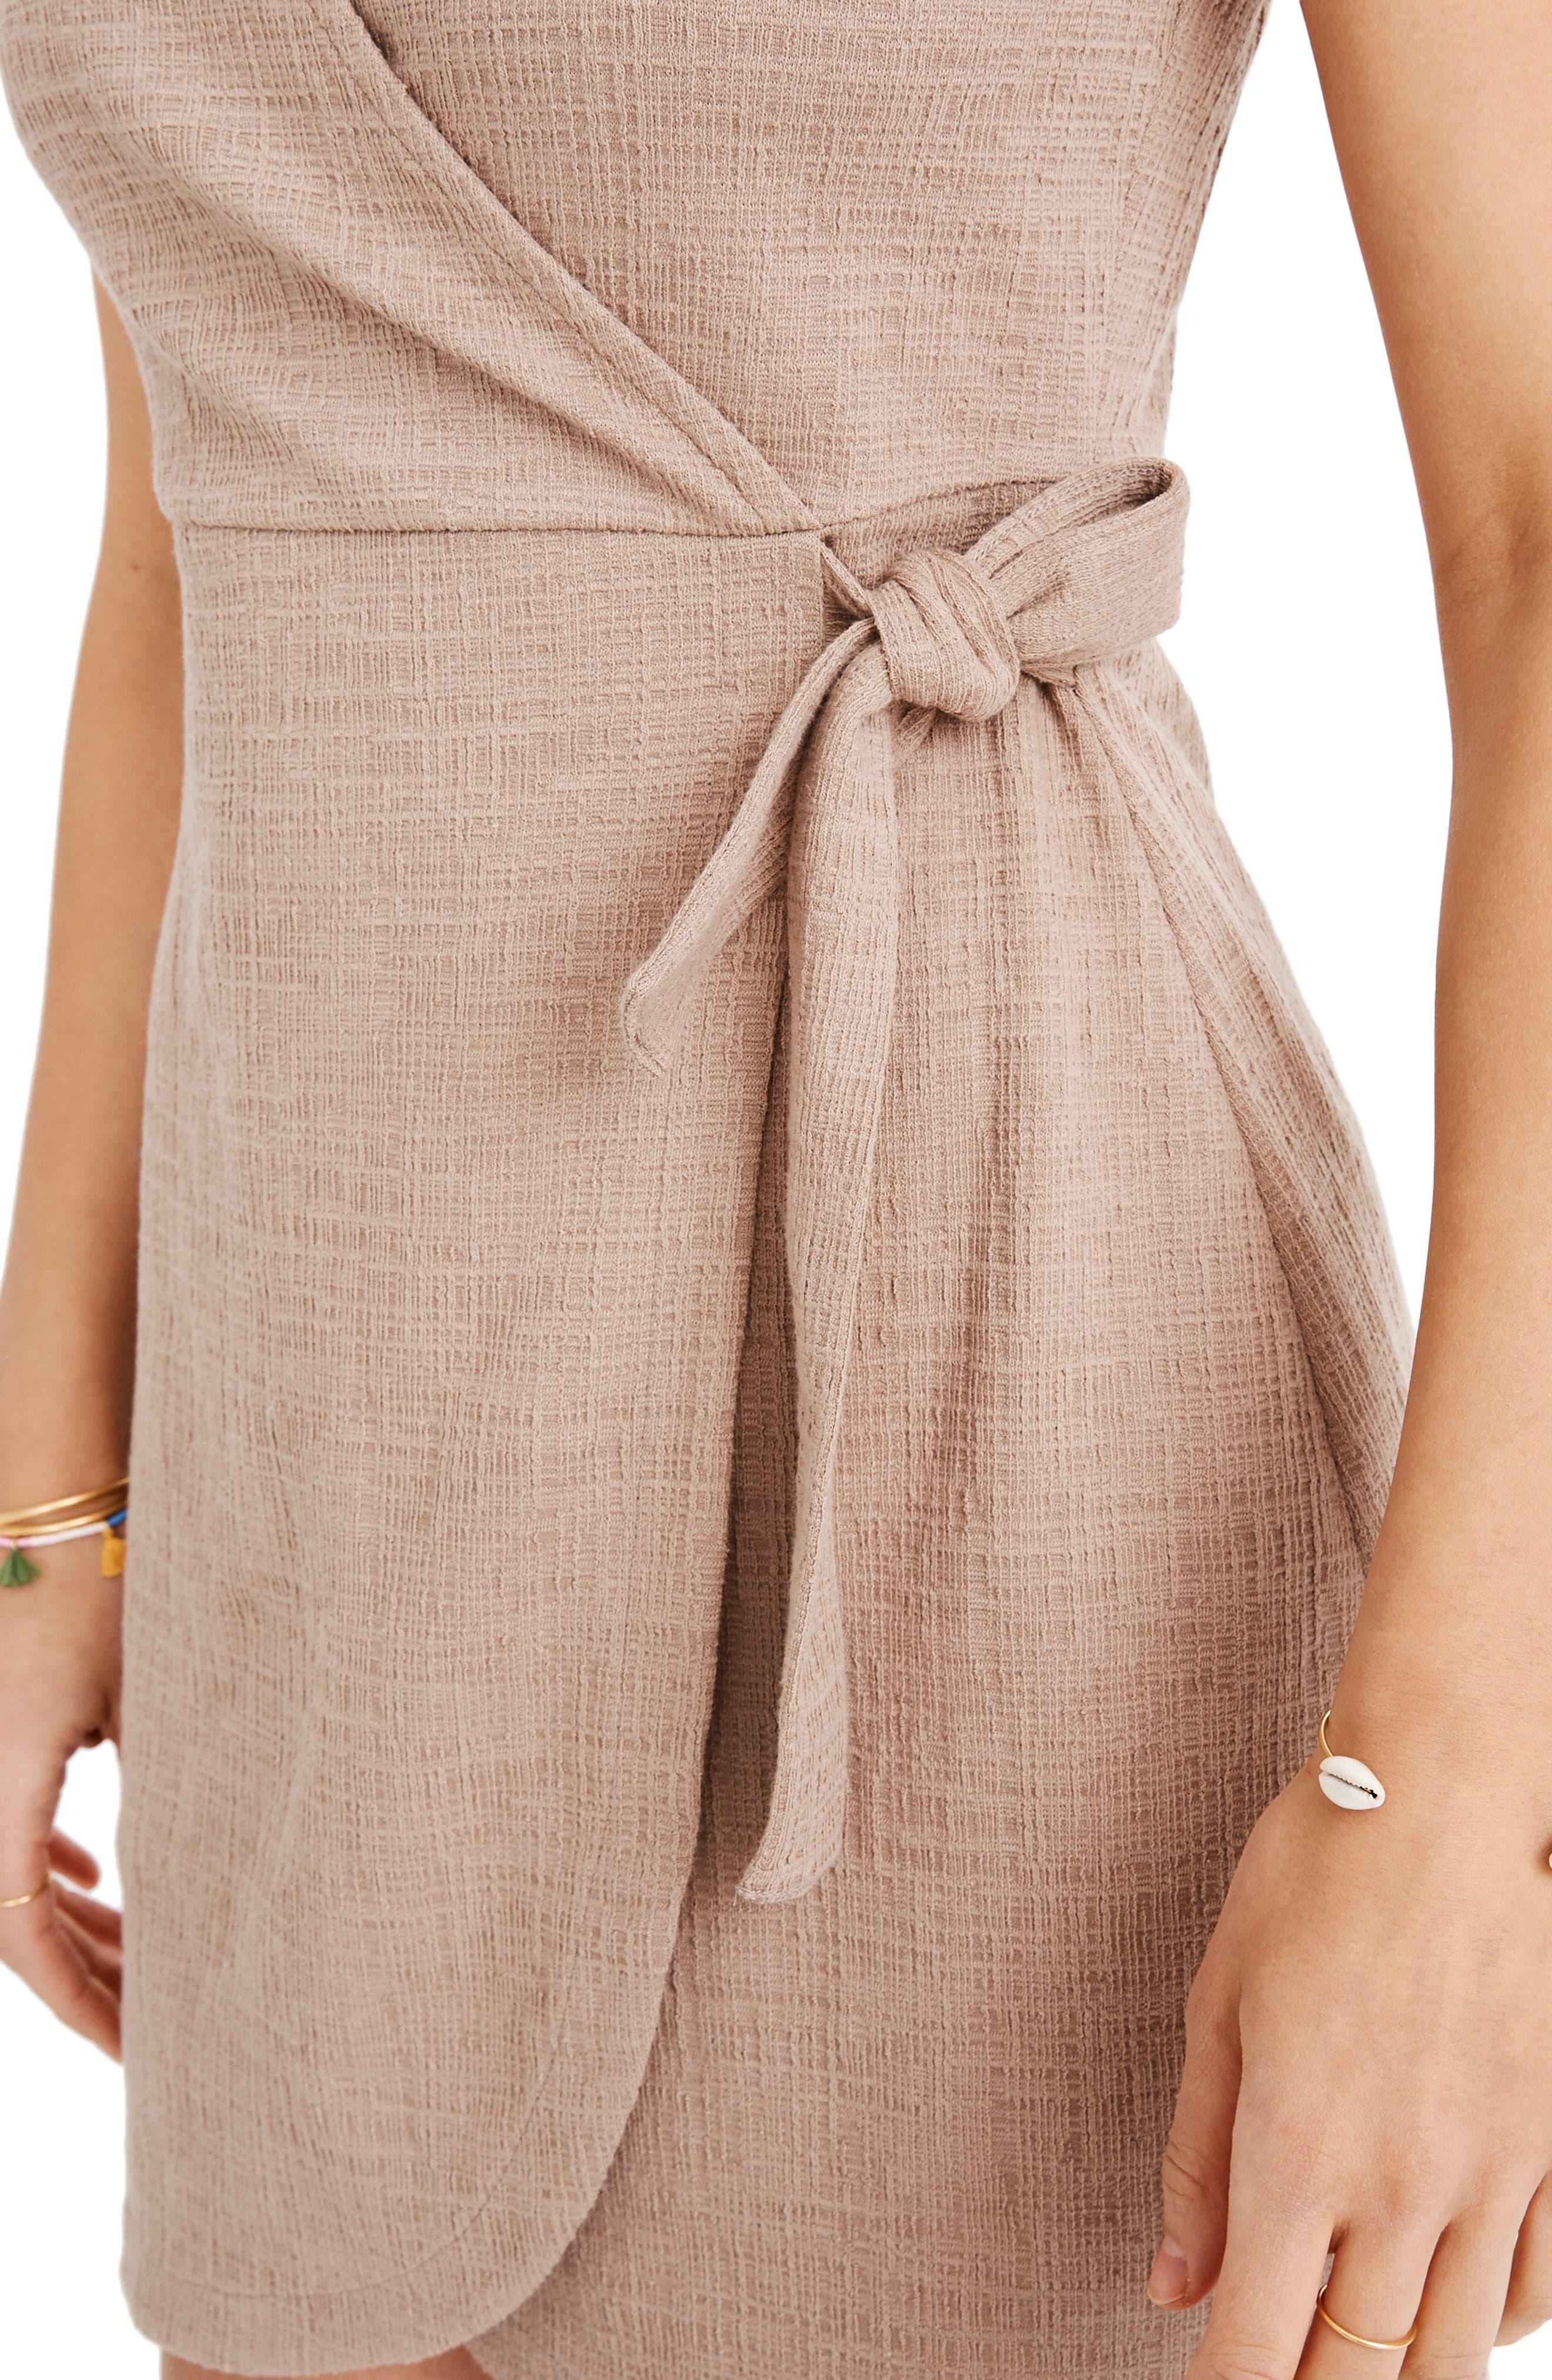 MADEWELL, Texture & Thread Side Tie Minidress, Alternate thumbnail 6, color, TELLURIDE STONE